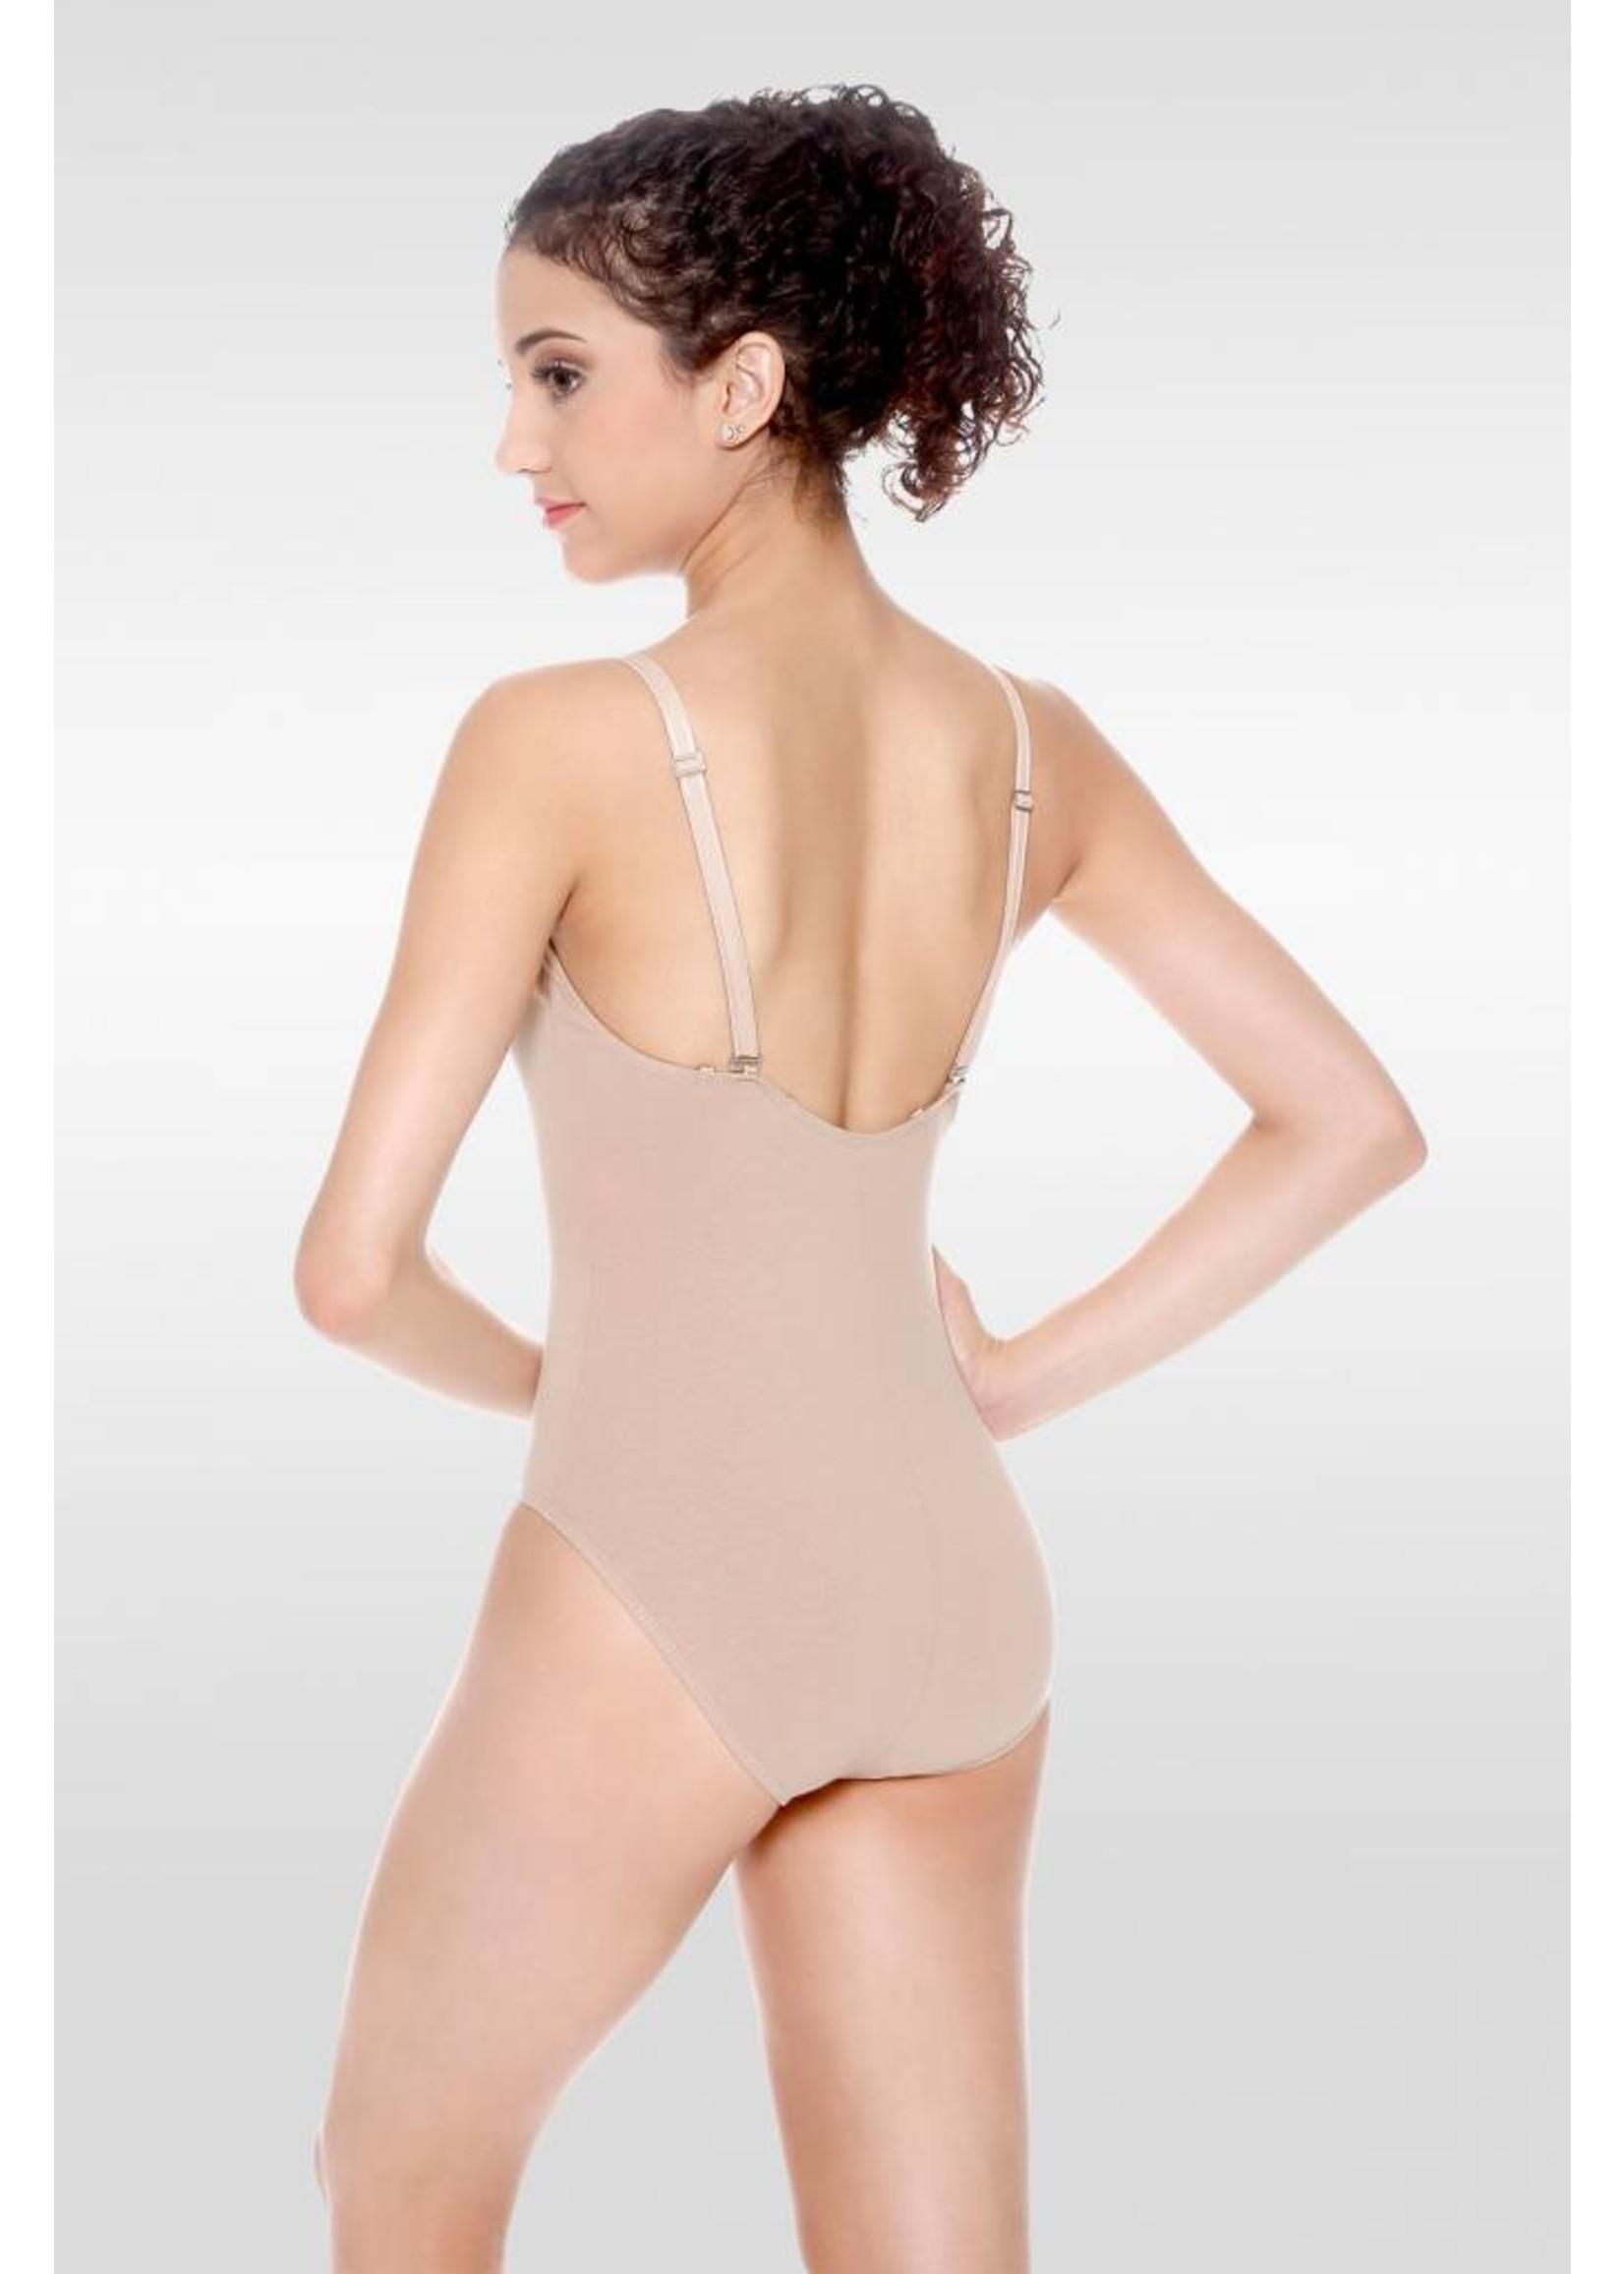 So Dança Sous-maillot adultes - Bess -  So Dança - D345